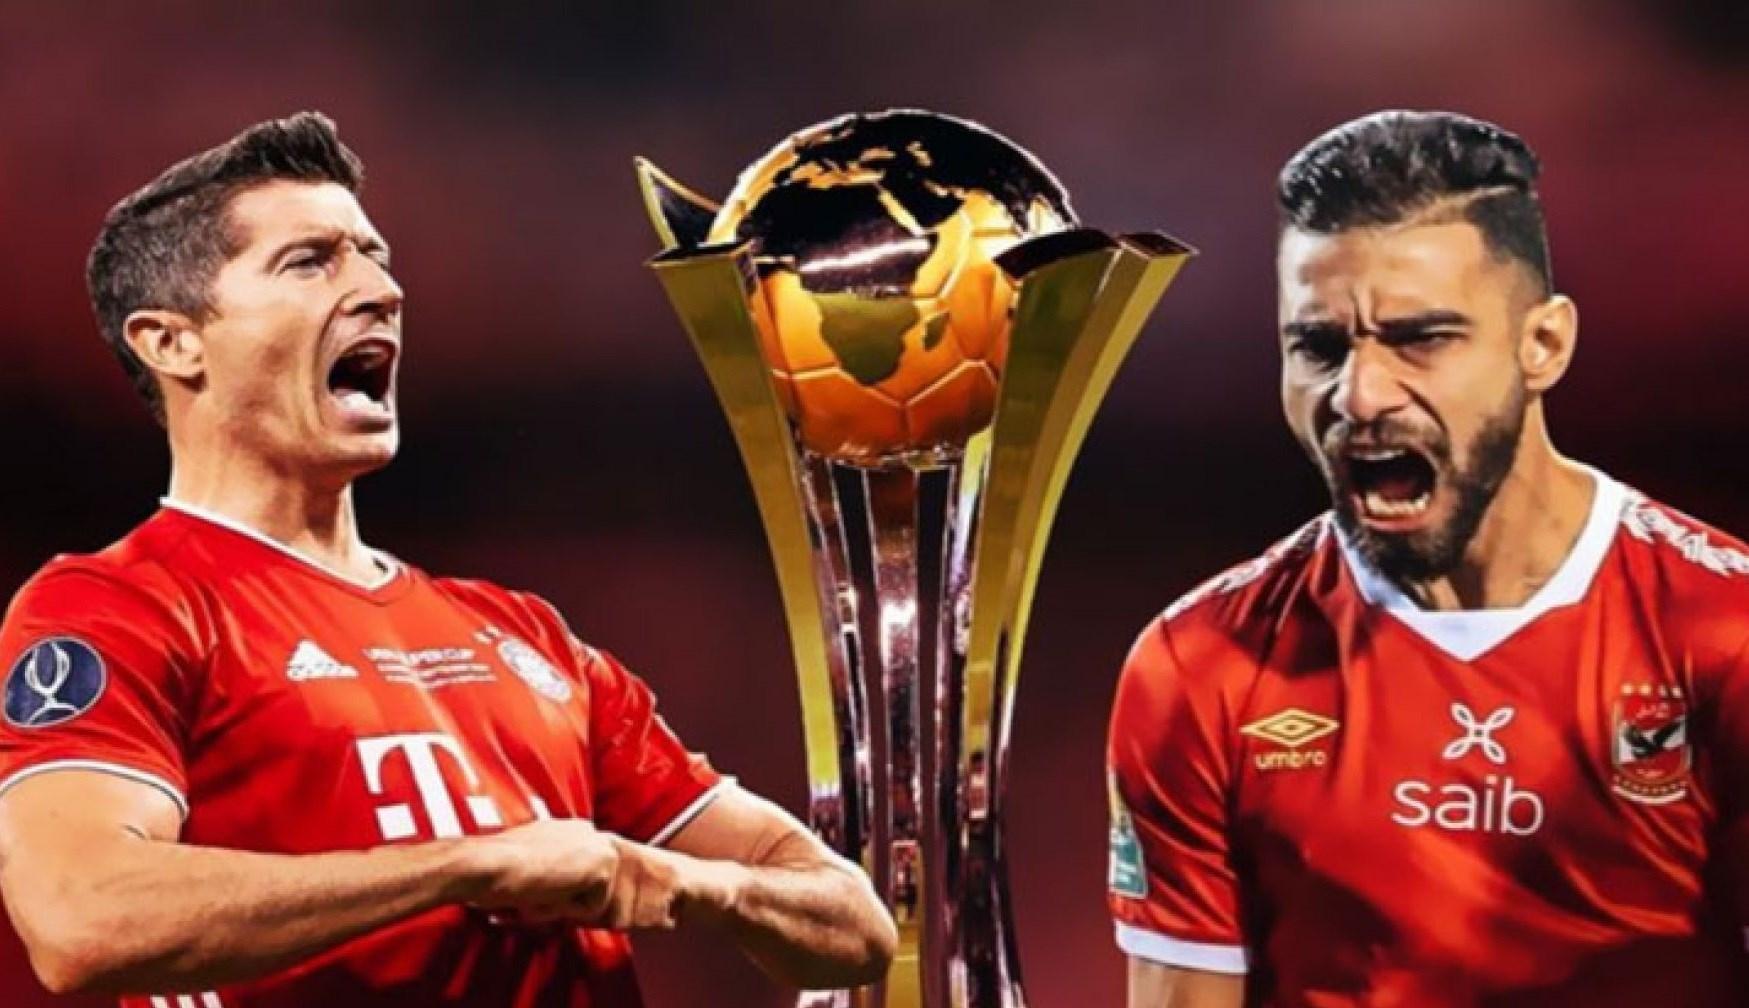 ملايين المصريين والعرب سيتابعون المباراة